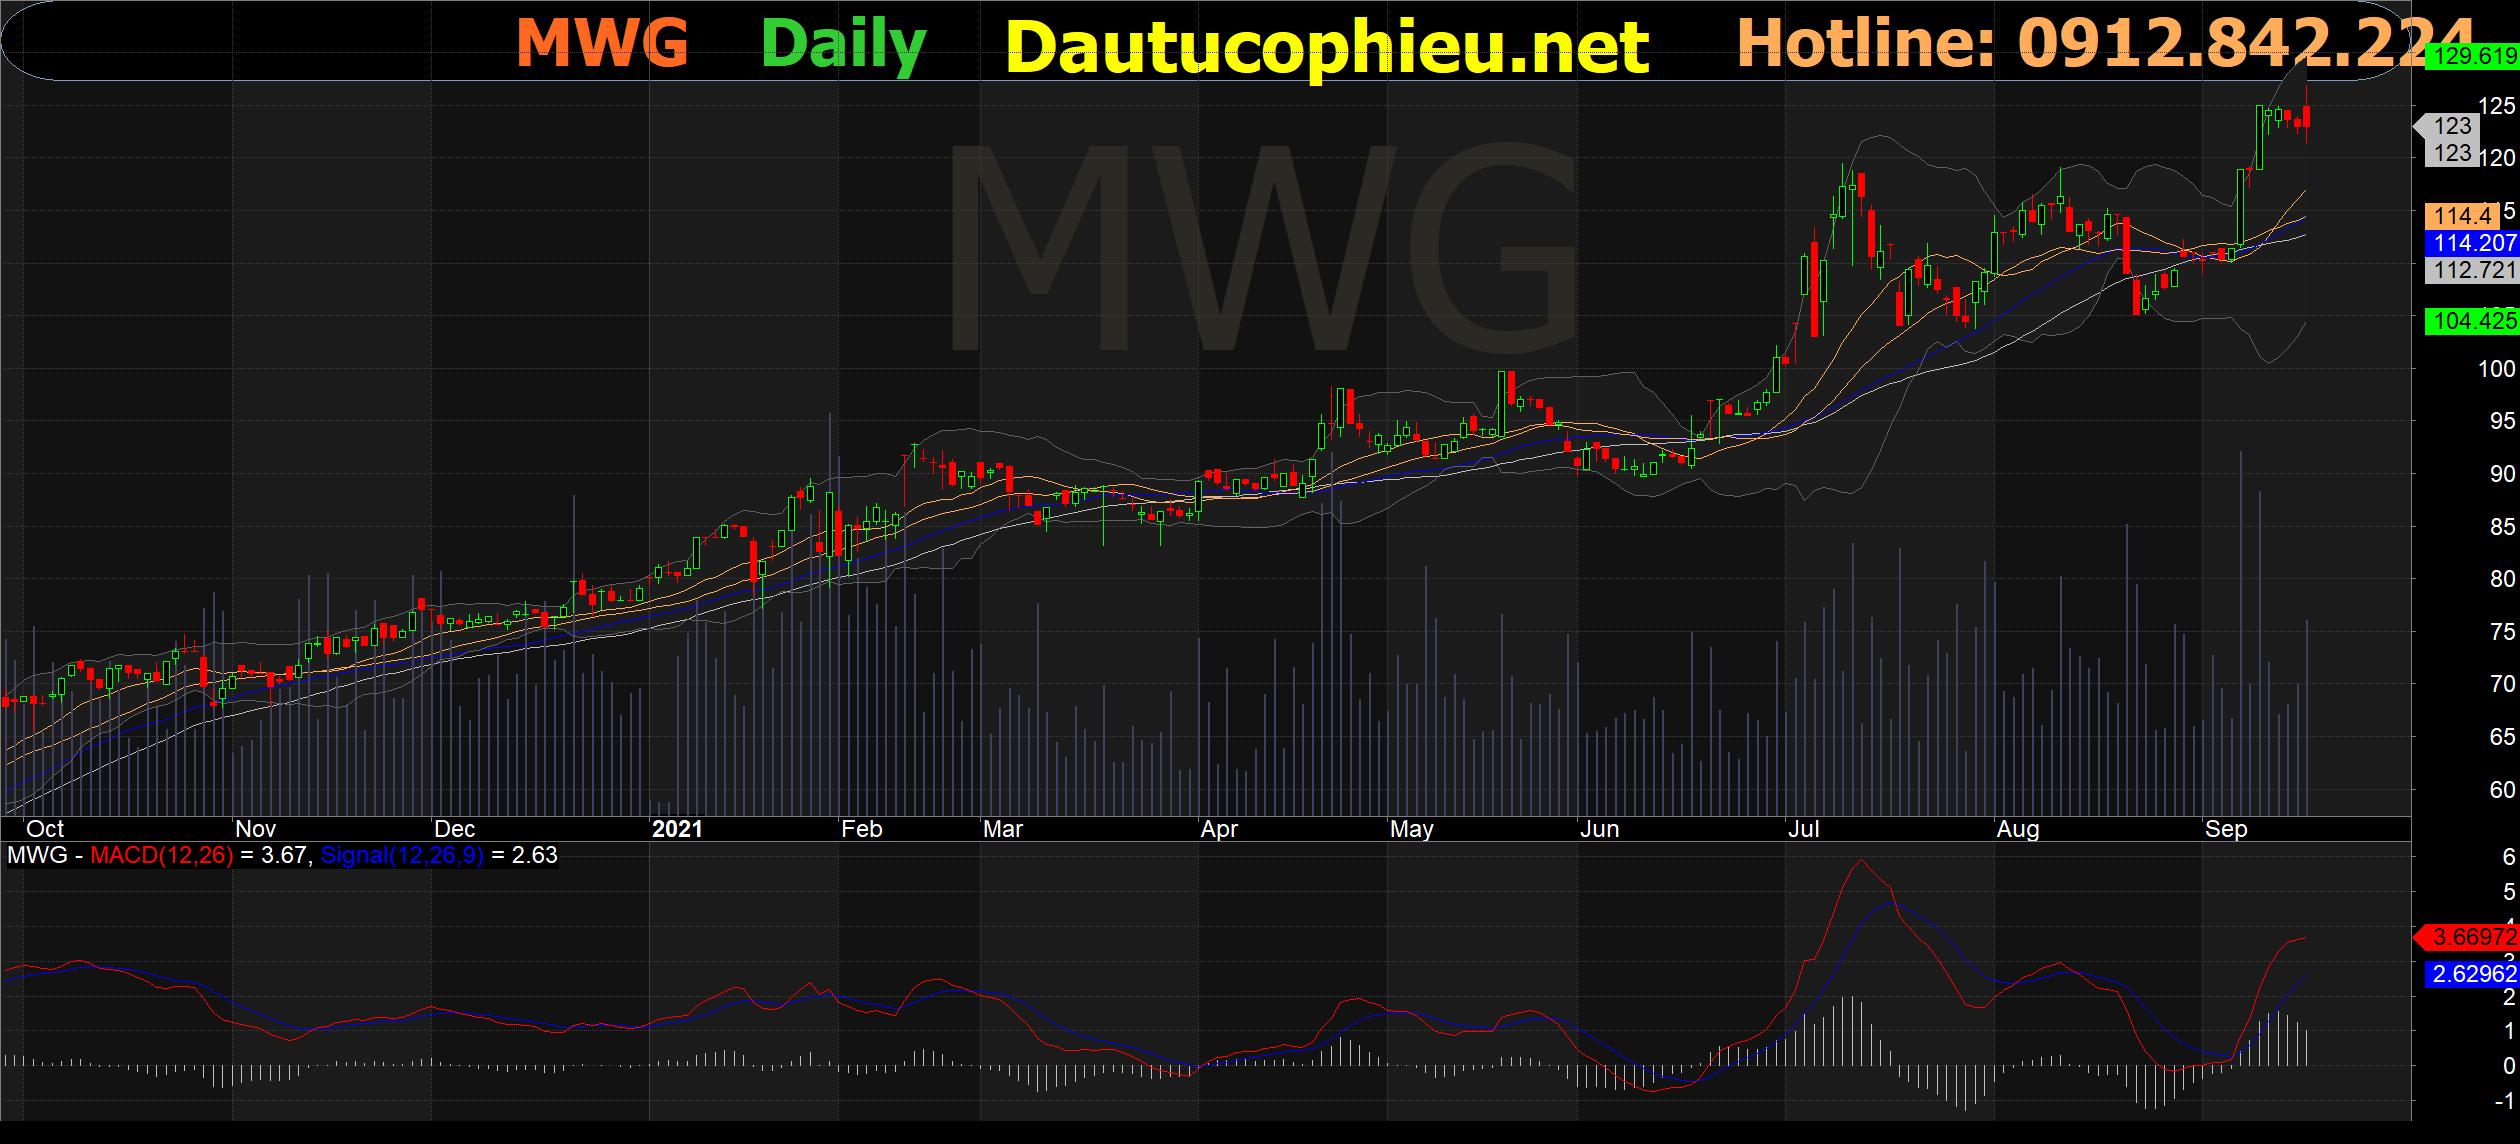 Đồ thị cổ phiếu MWG phiên giao dịch ngày 20/09/2021. Nguồn: AmiBroker